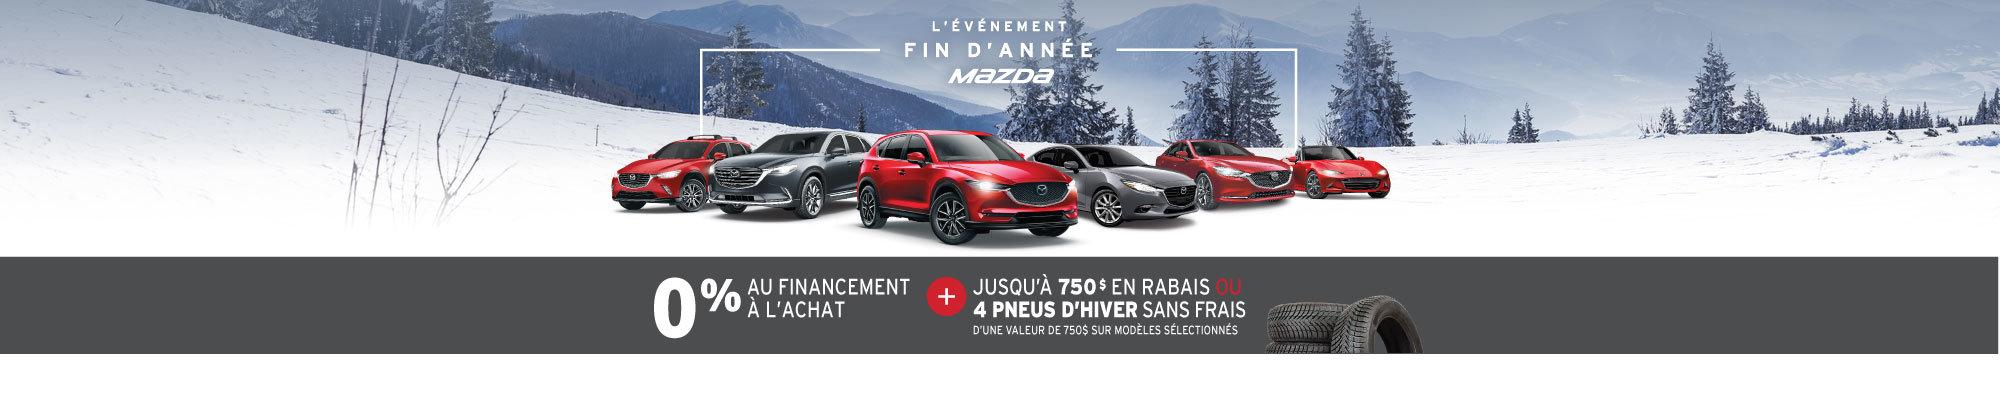 L'ÉVÉNEMENT FIN D'ANNÉE AU GROUPE BEAUCAGE MAZDA! web